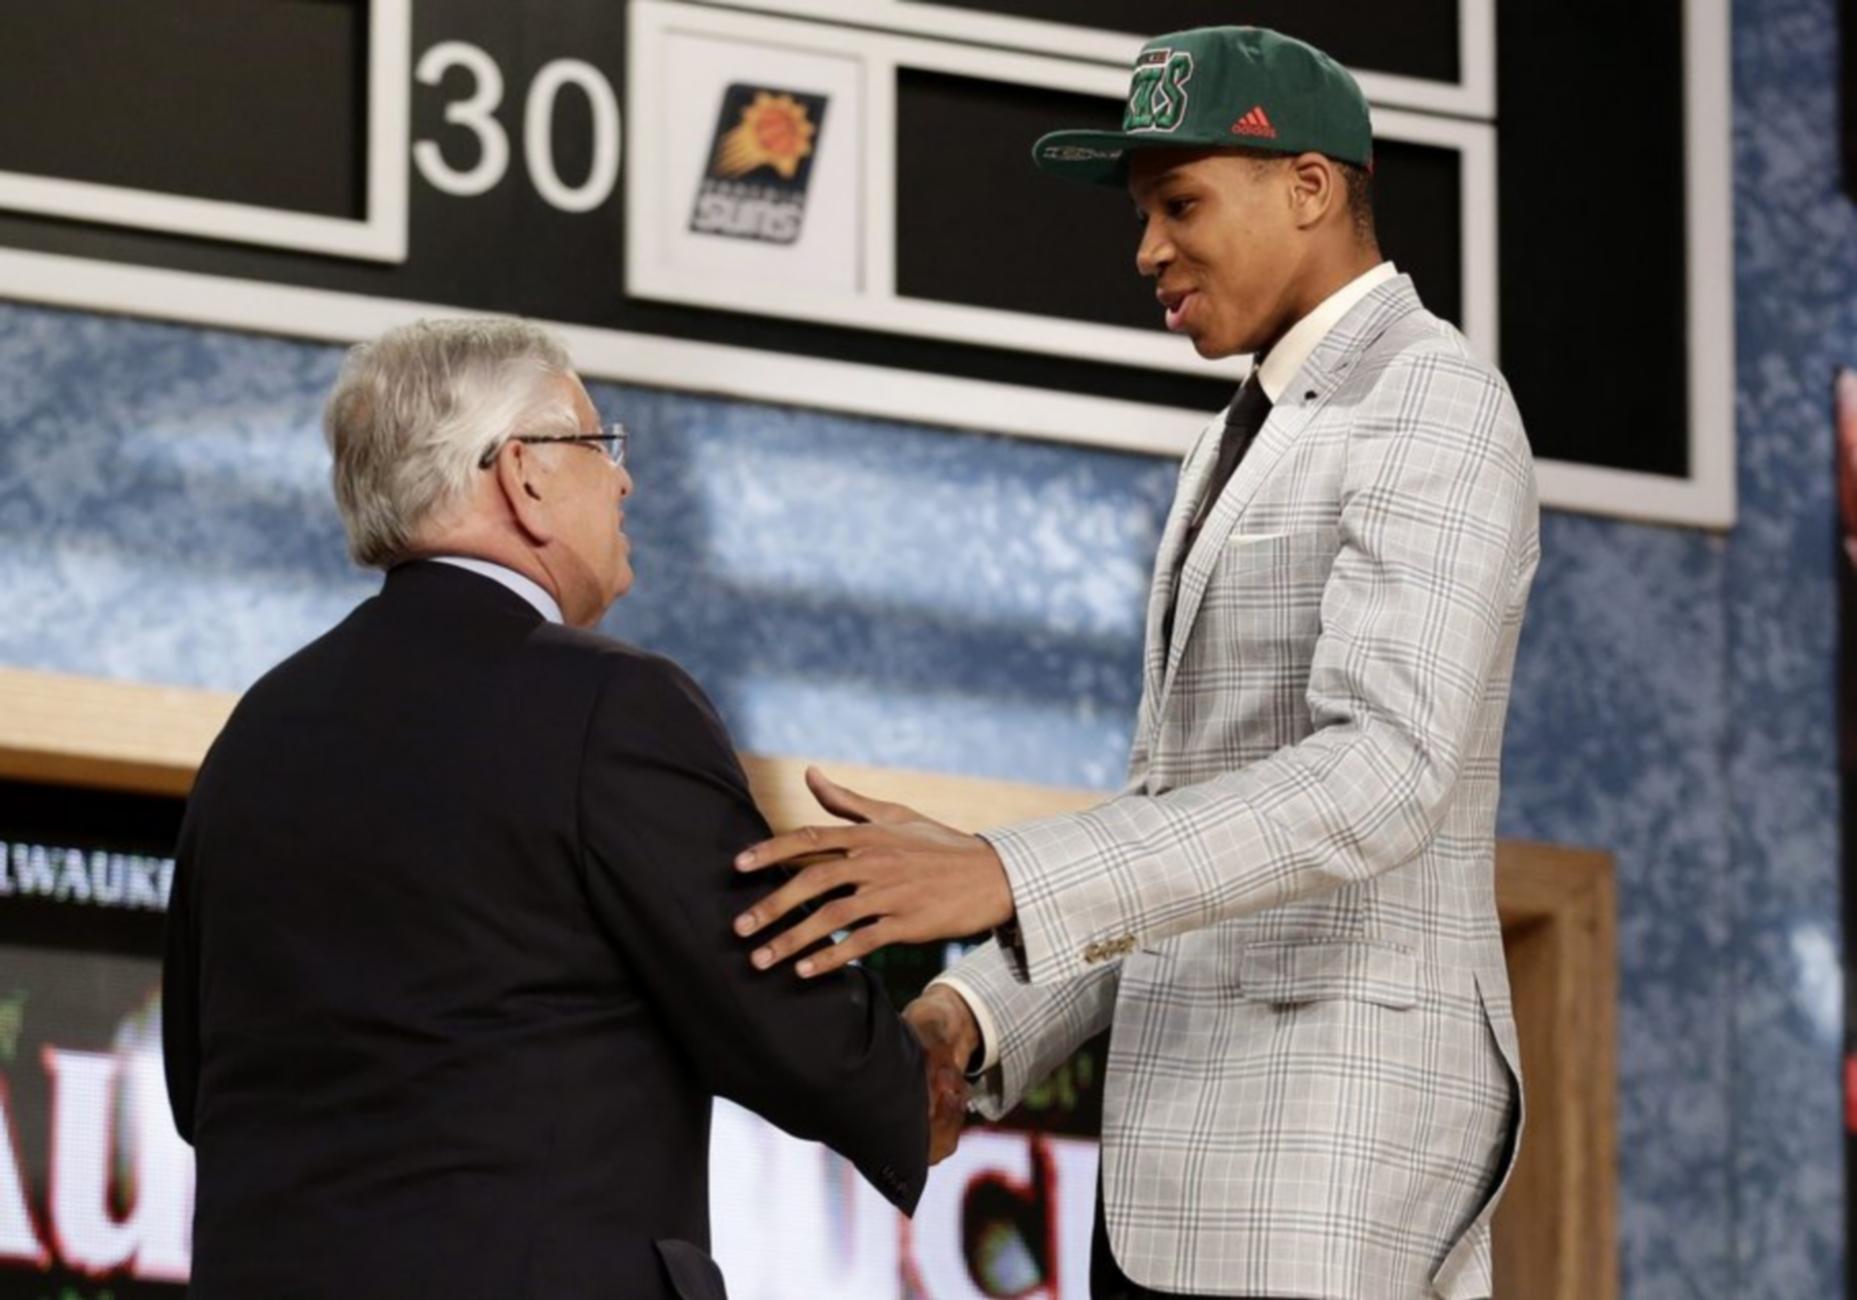 Αντετοκούνμπο: Η κρυφή συζήτηση των Ράπτορς στο NBA Draft του 2013 (video)